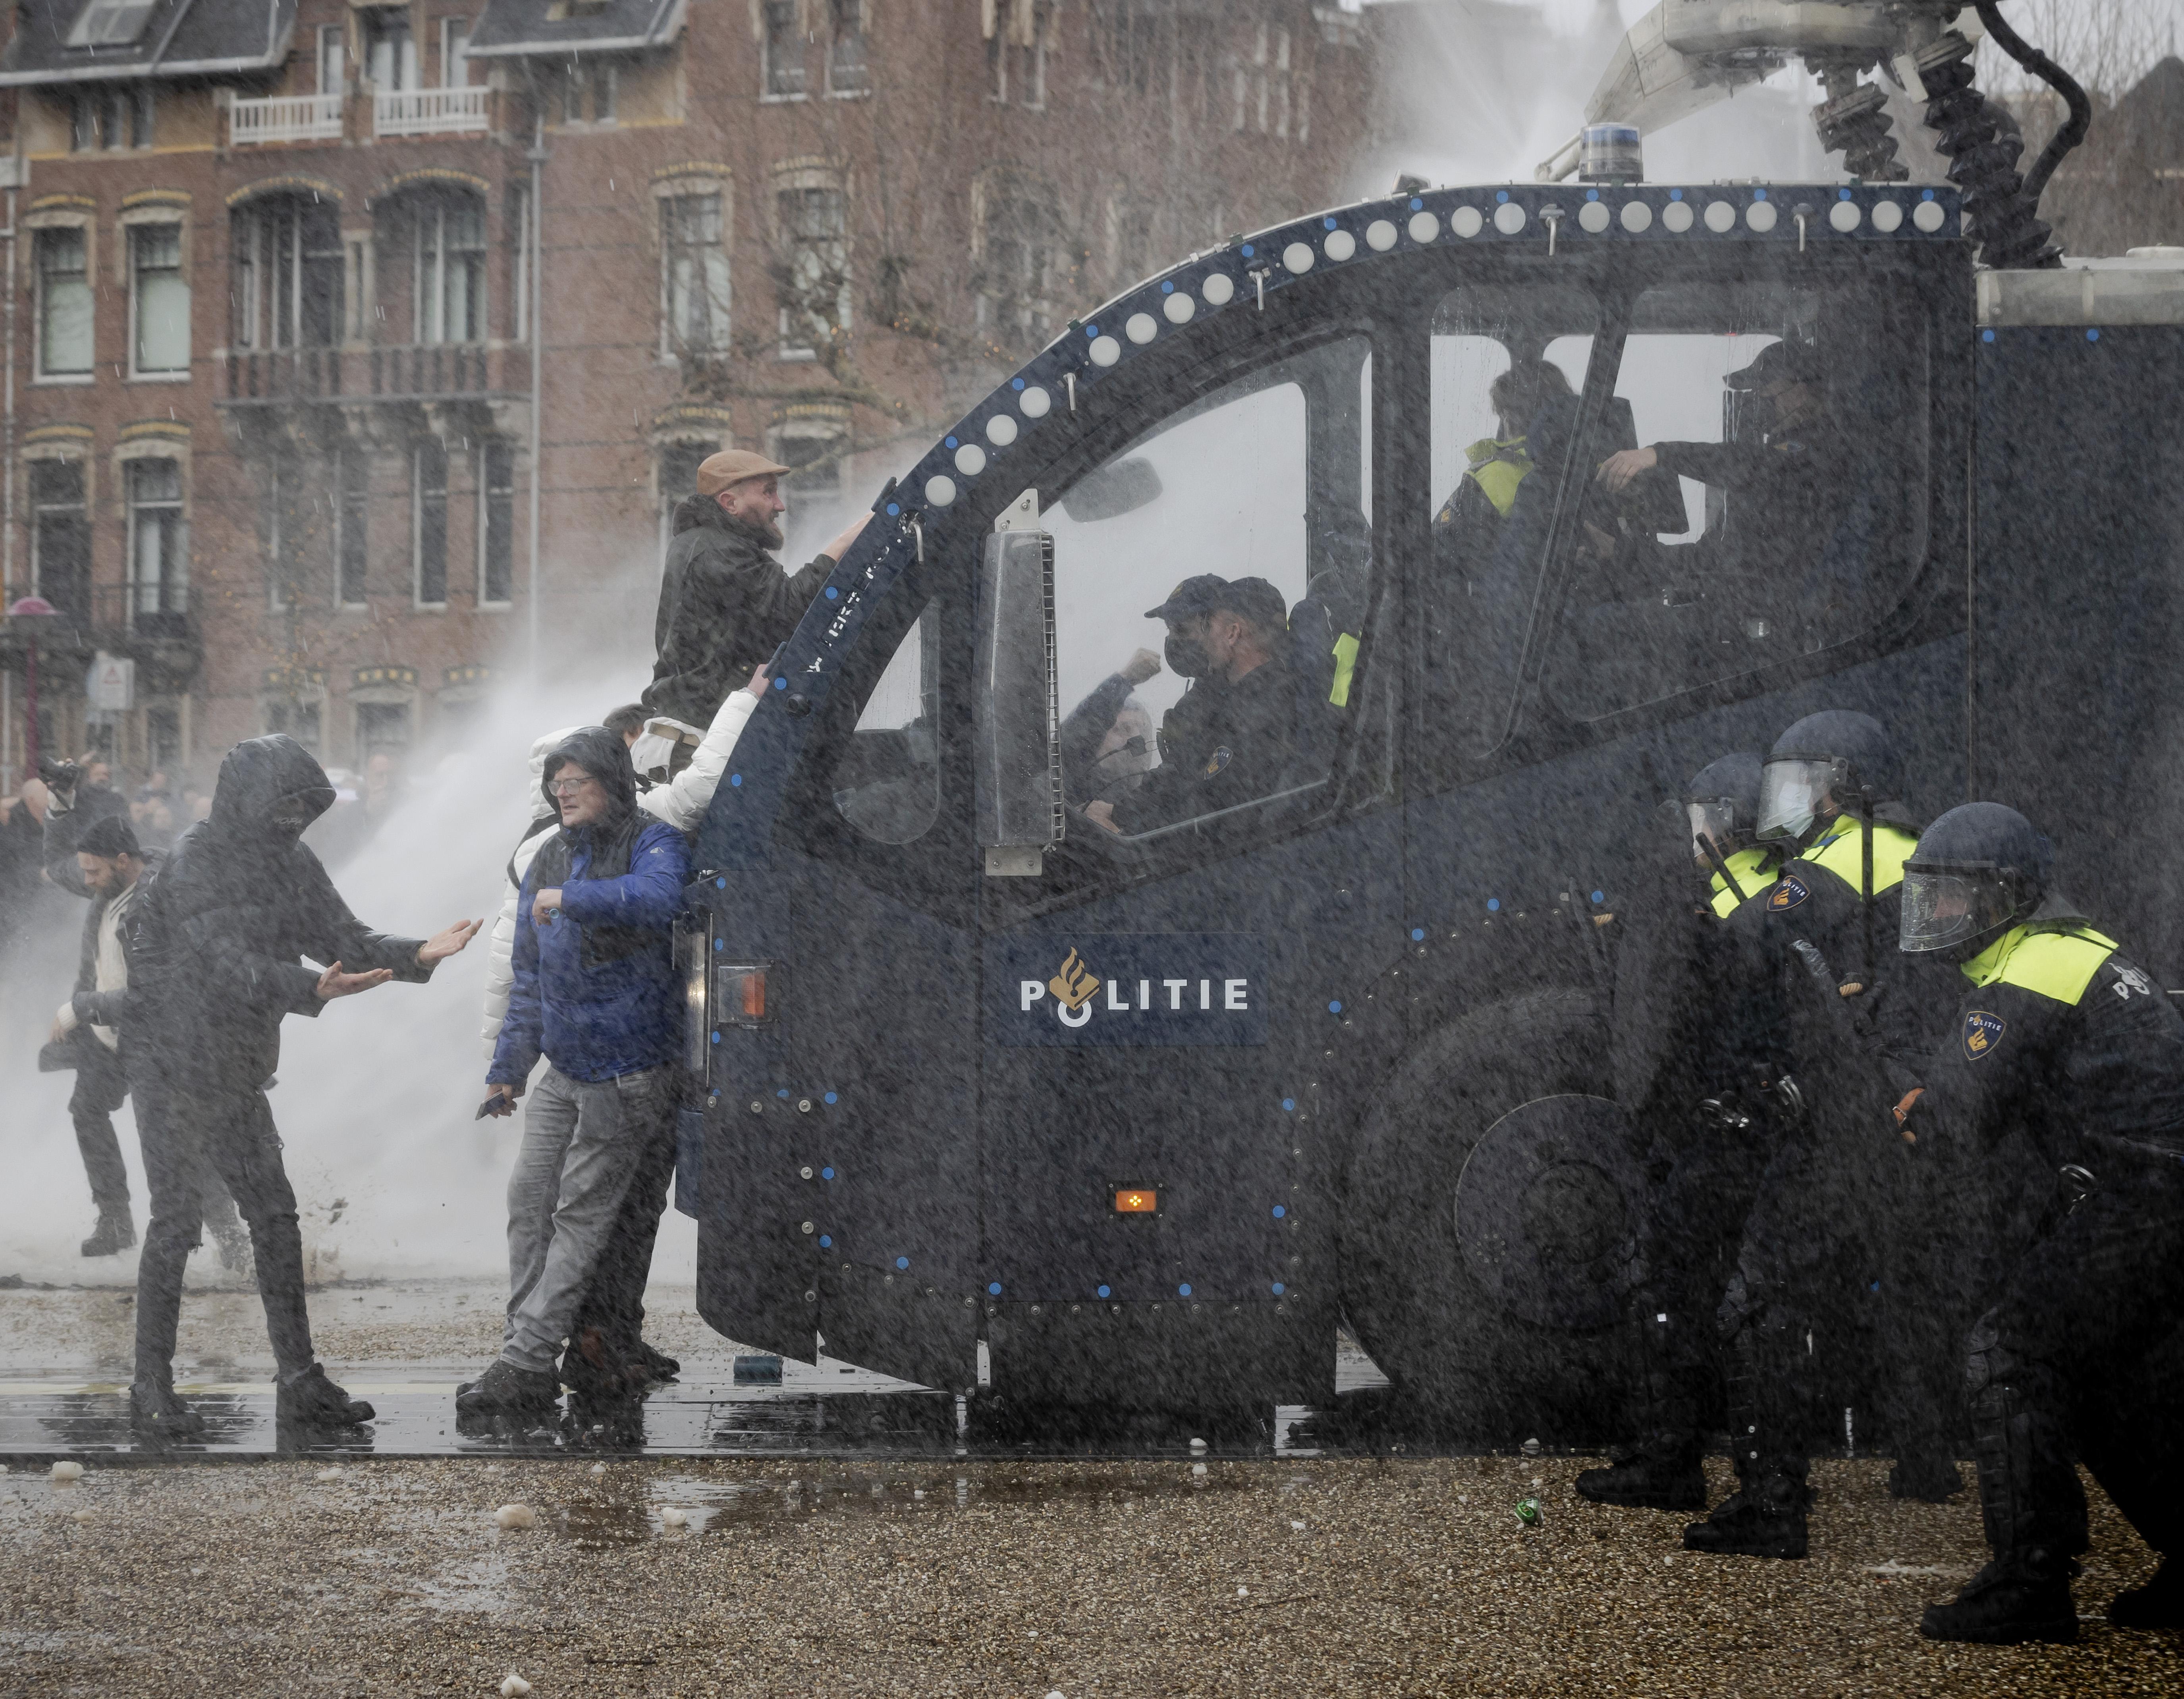 Purmerender opgepakt voor geweld bij anticoronademonstratie op Museumplein